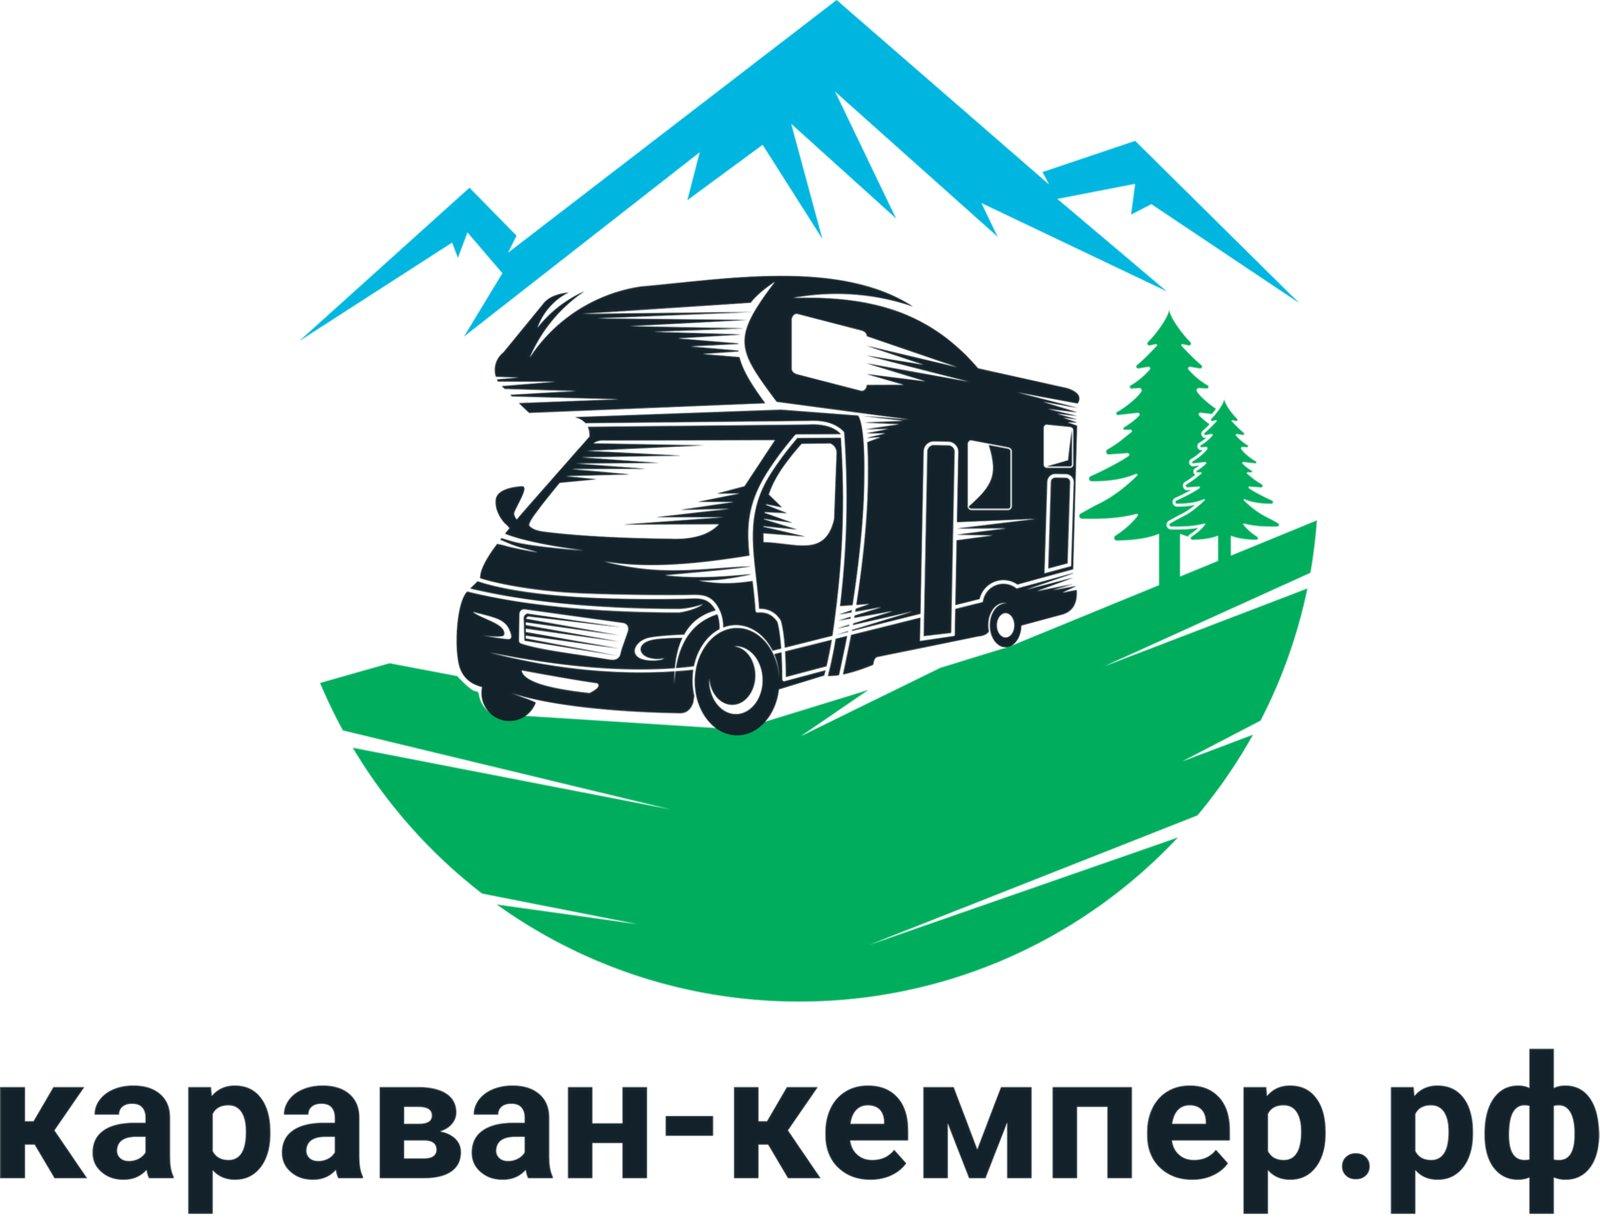 Логотип Караван-кемпер